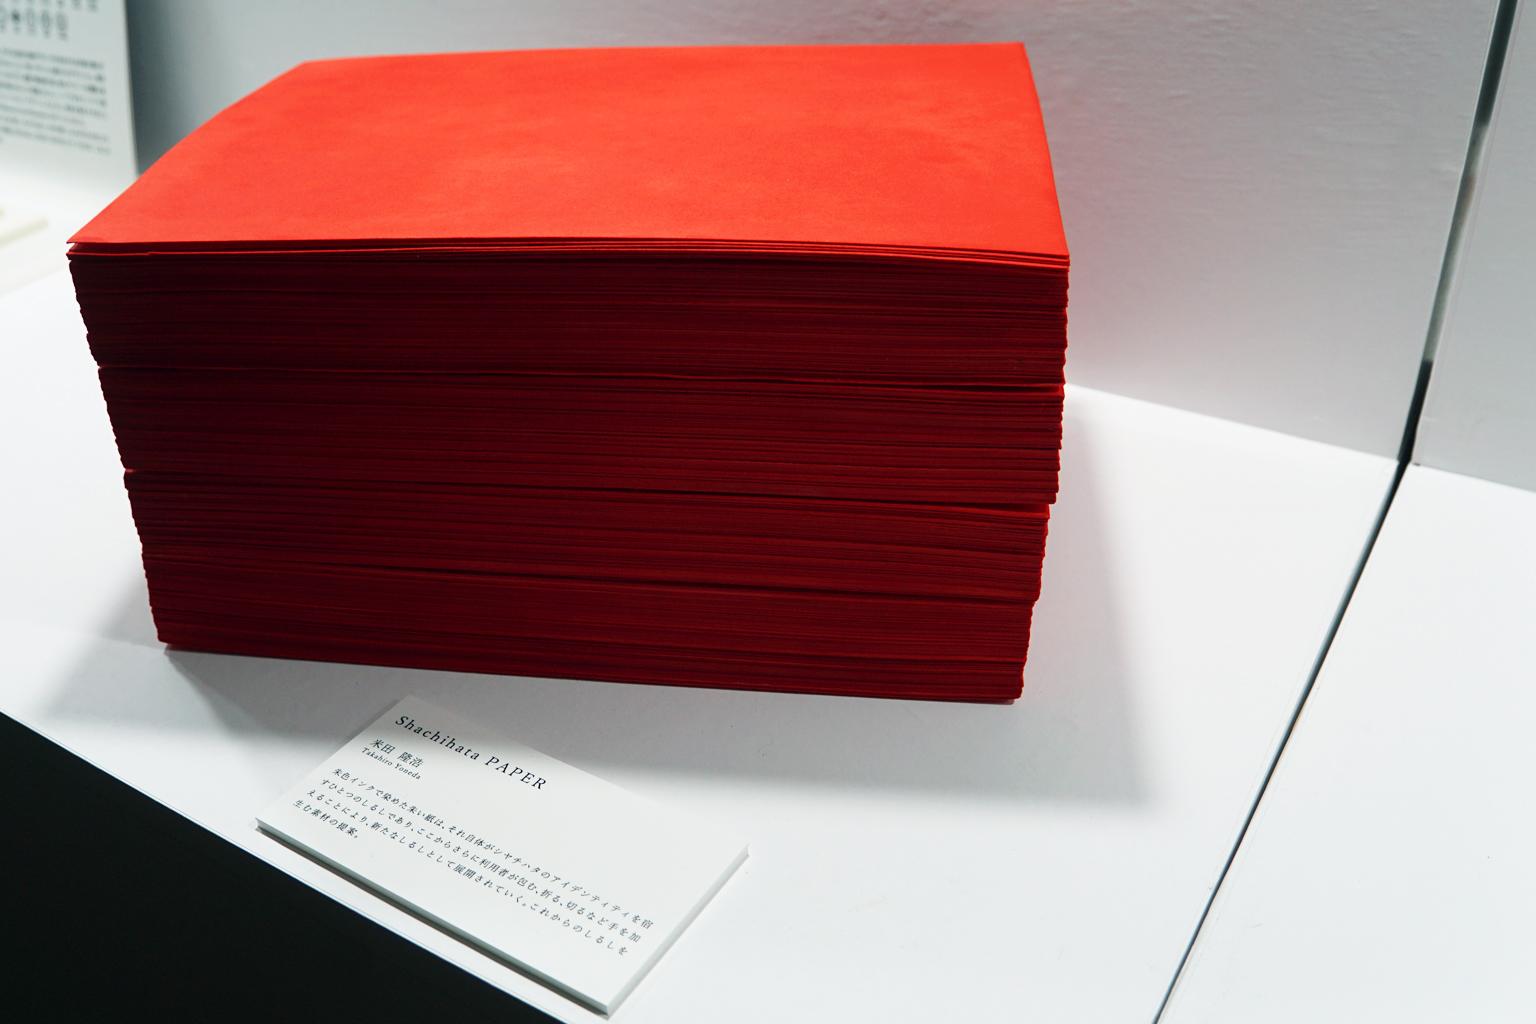 「第12回シヤチハタ・ニュープロダクト・デザイン・コンペティション」準グランプリ 米田隆浩さんの「Shachihata PAPER」模型。朱肉の朱色で染め上げた紙を20センチ近く積み上げた。